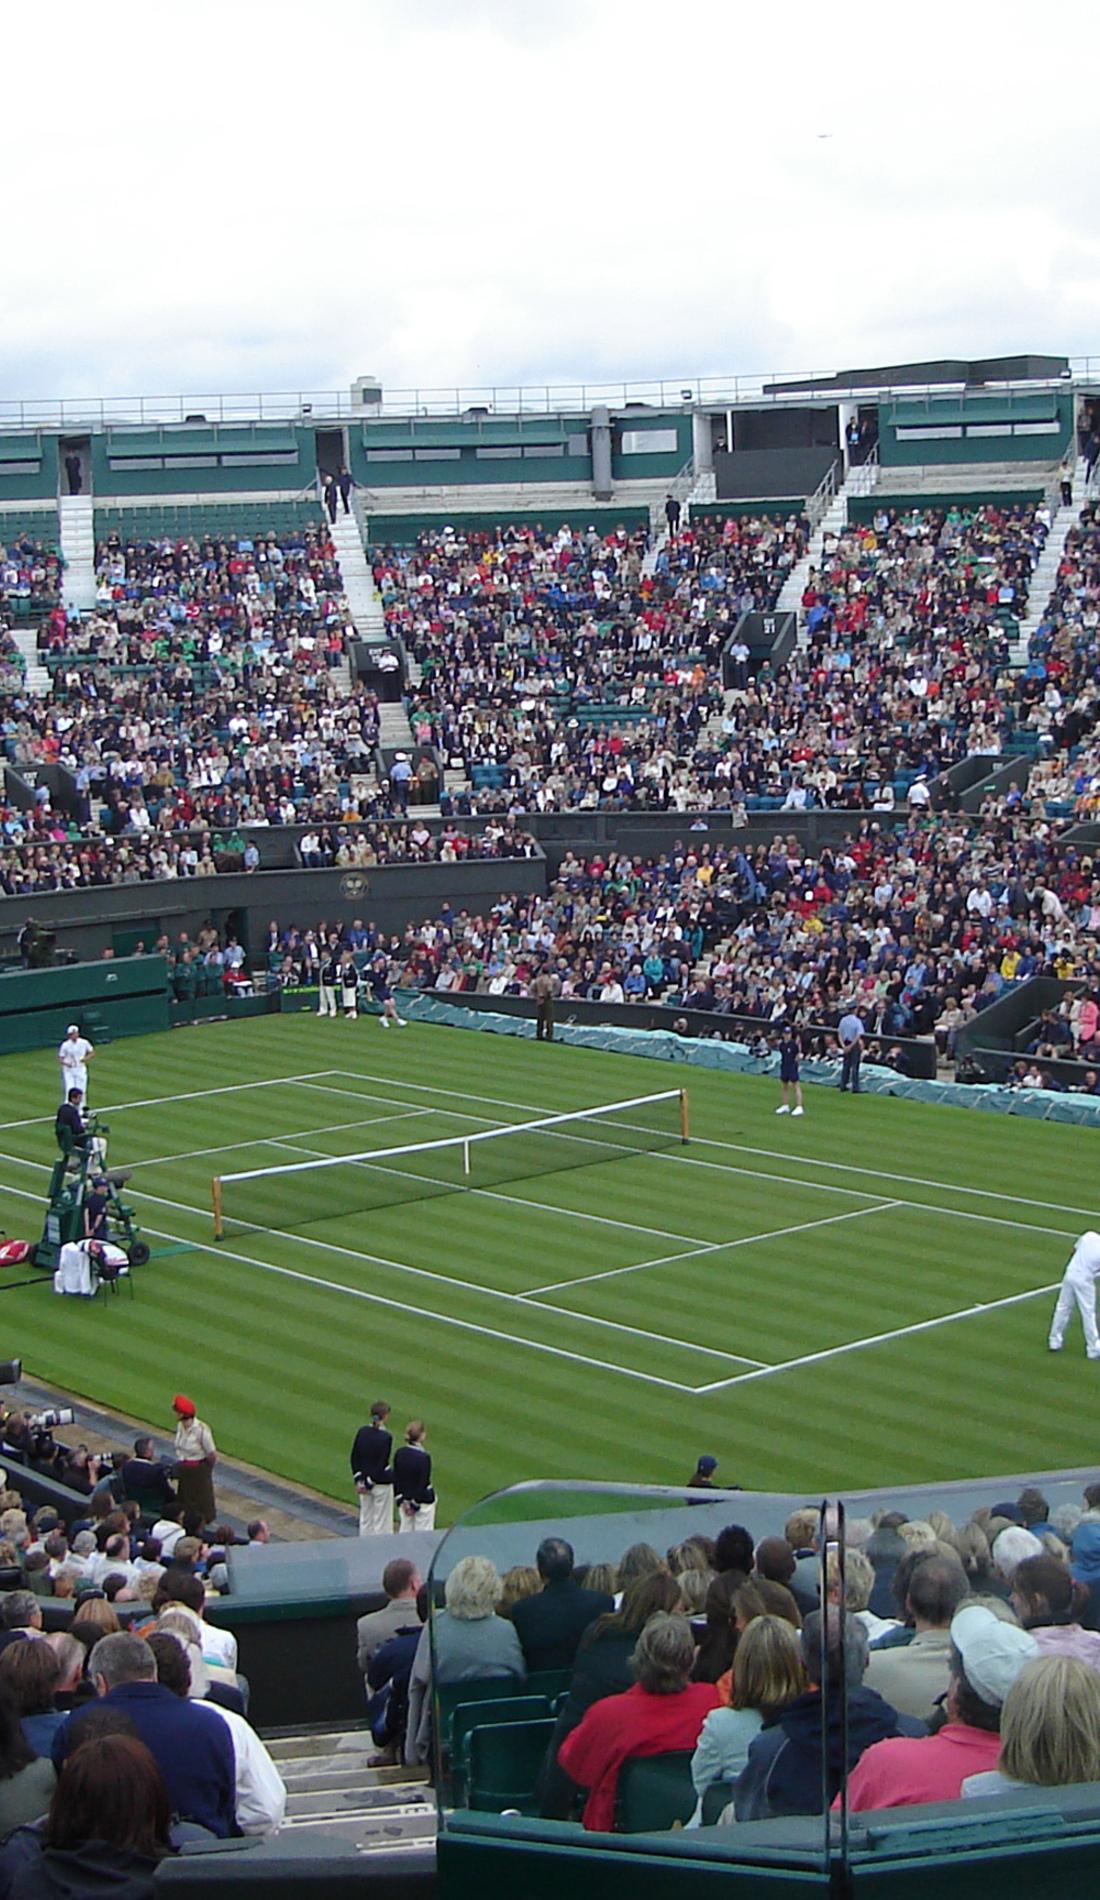 A Wimbledon live event